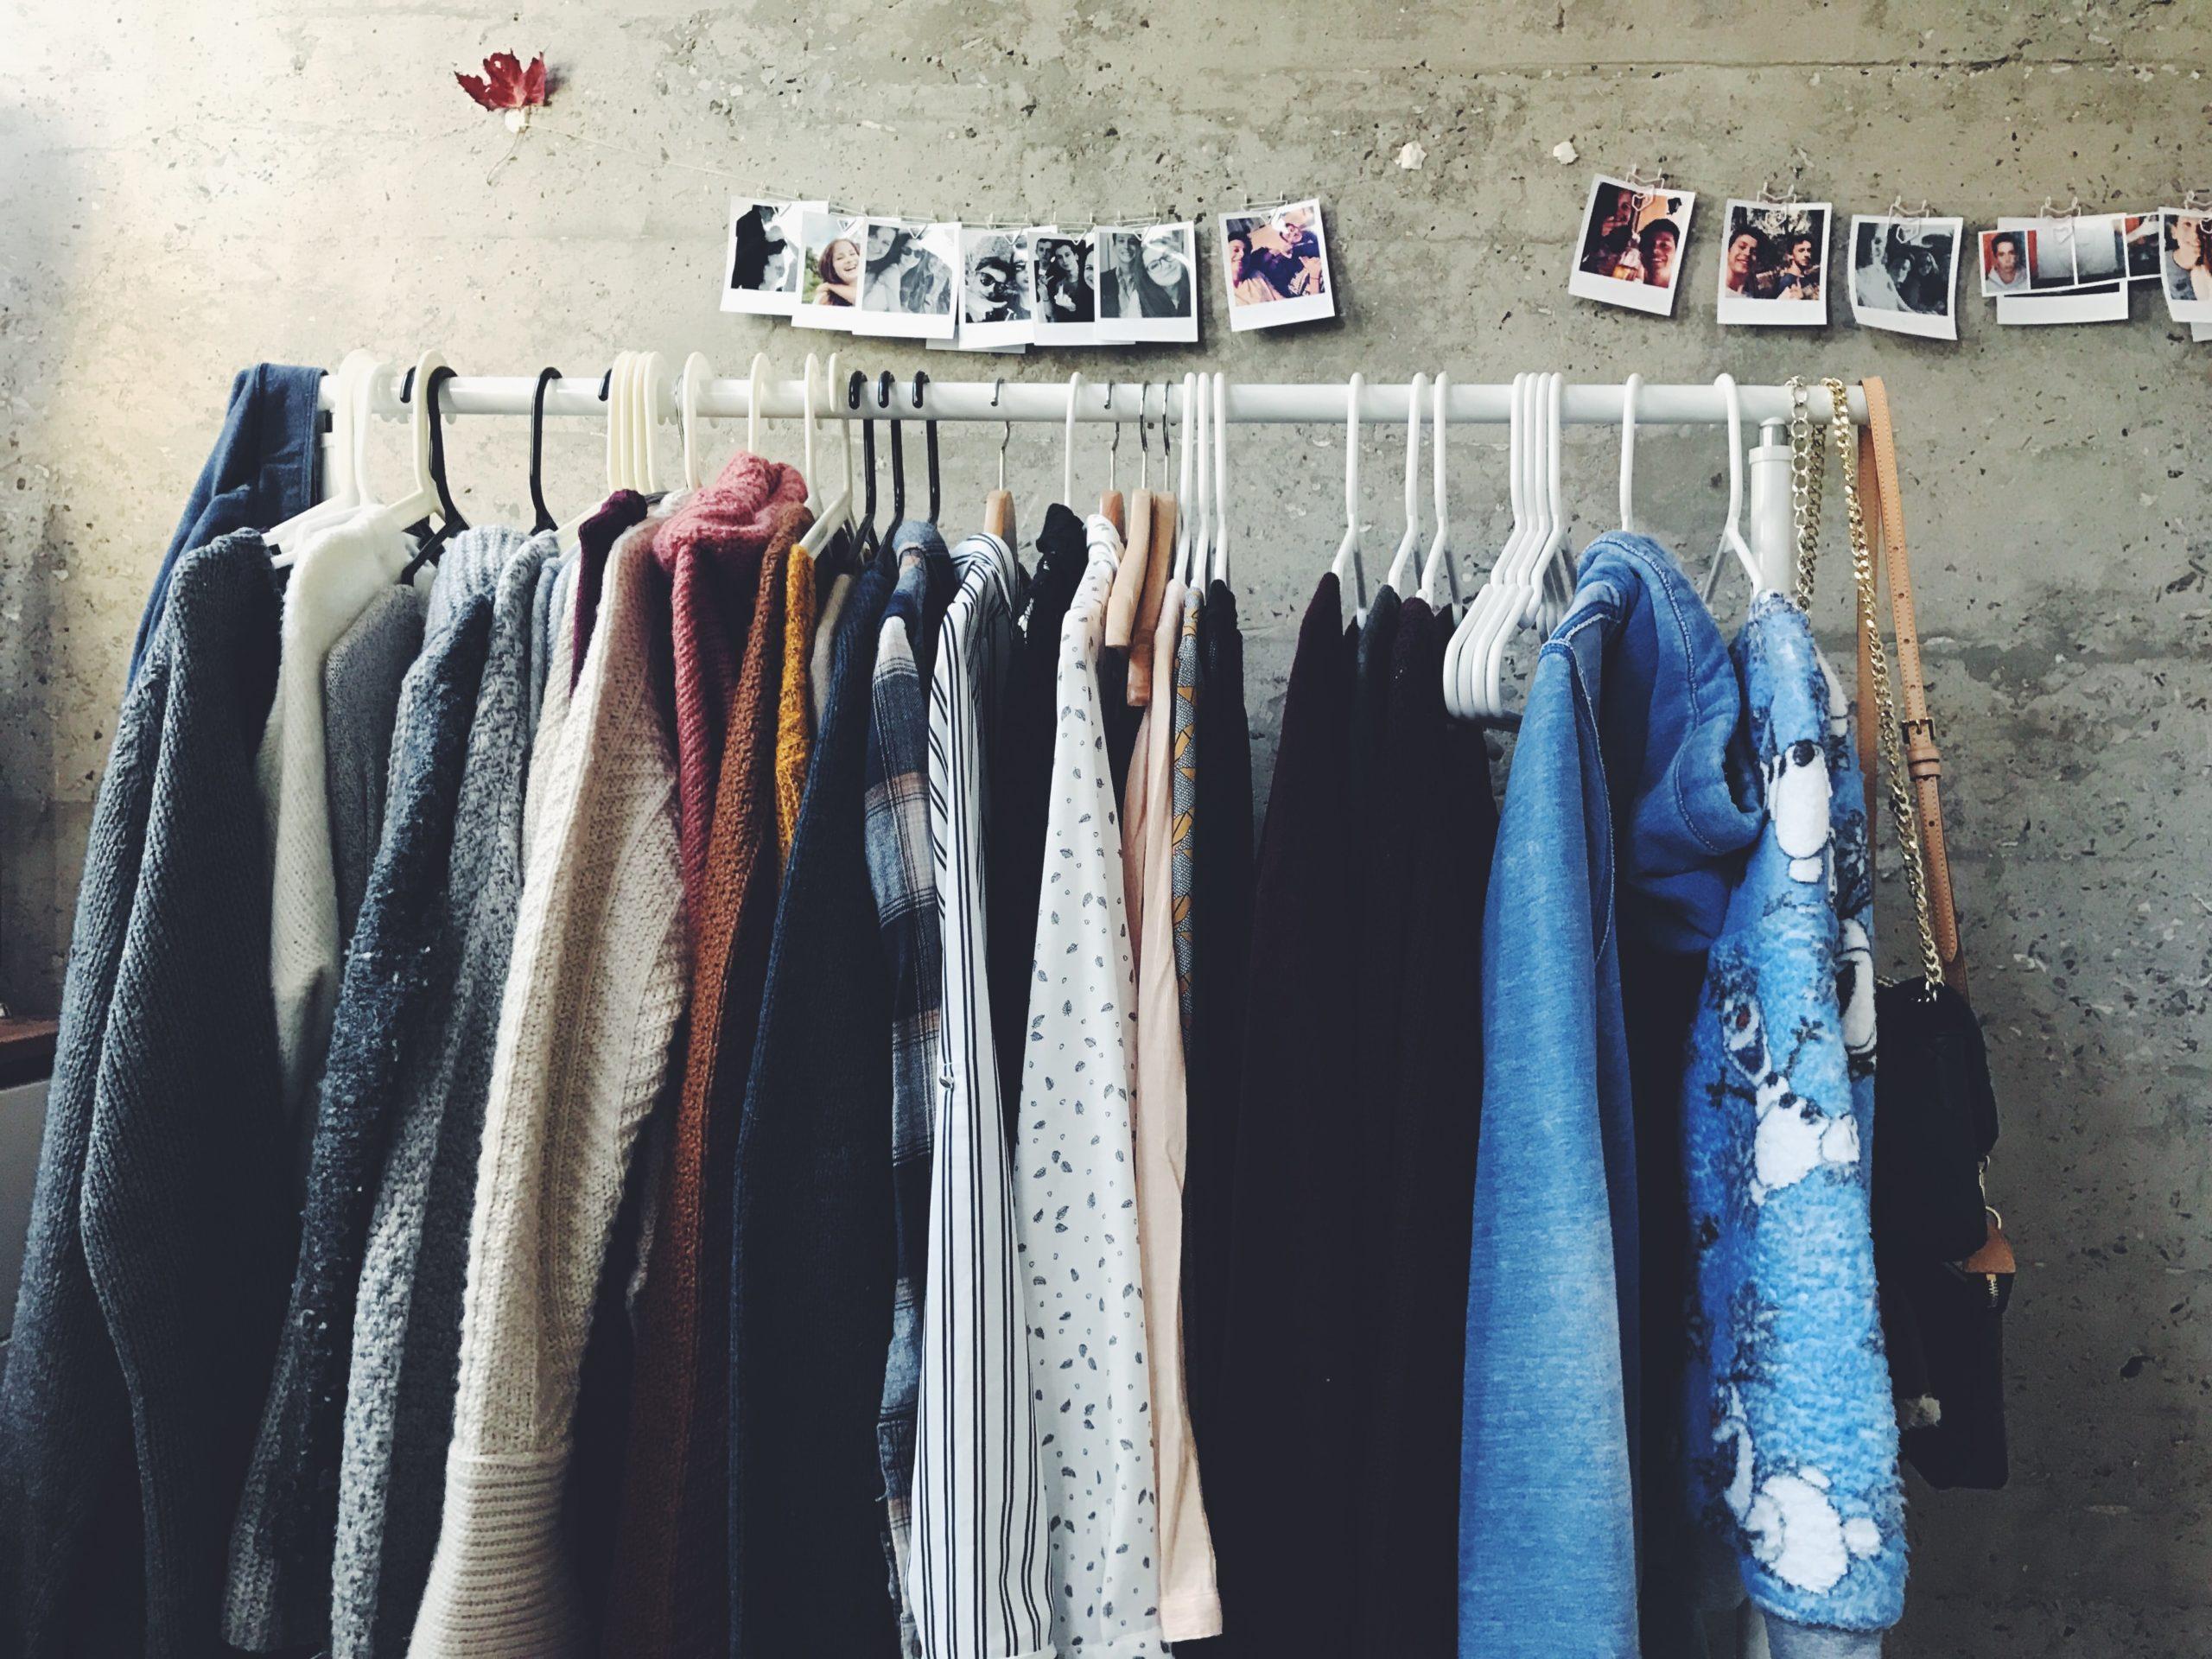 Auf diesem Bild sieht man eine Kleiderstange mit verschiedenen Kleidungsstücken.